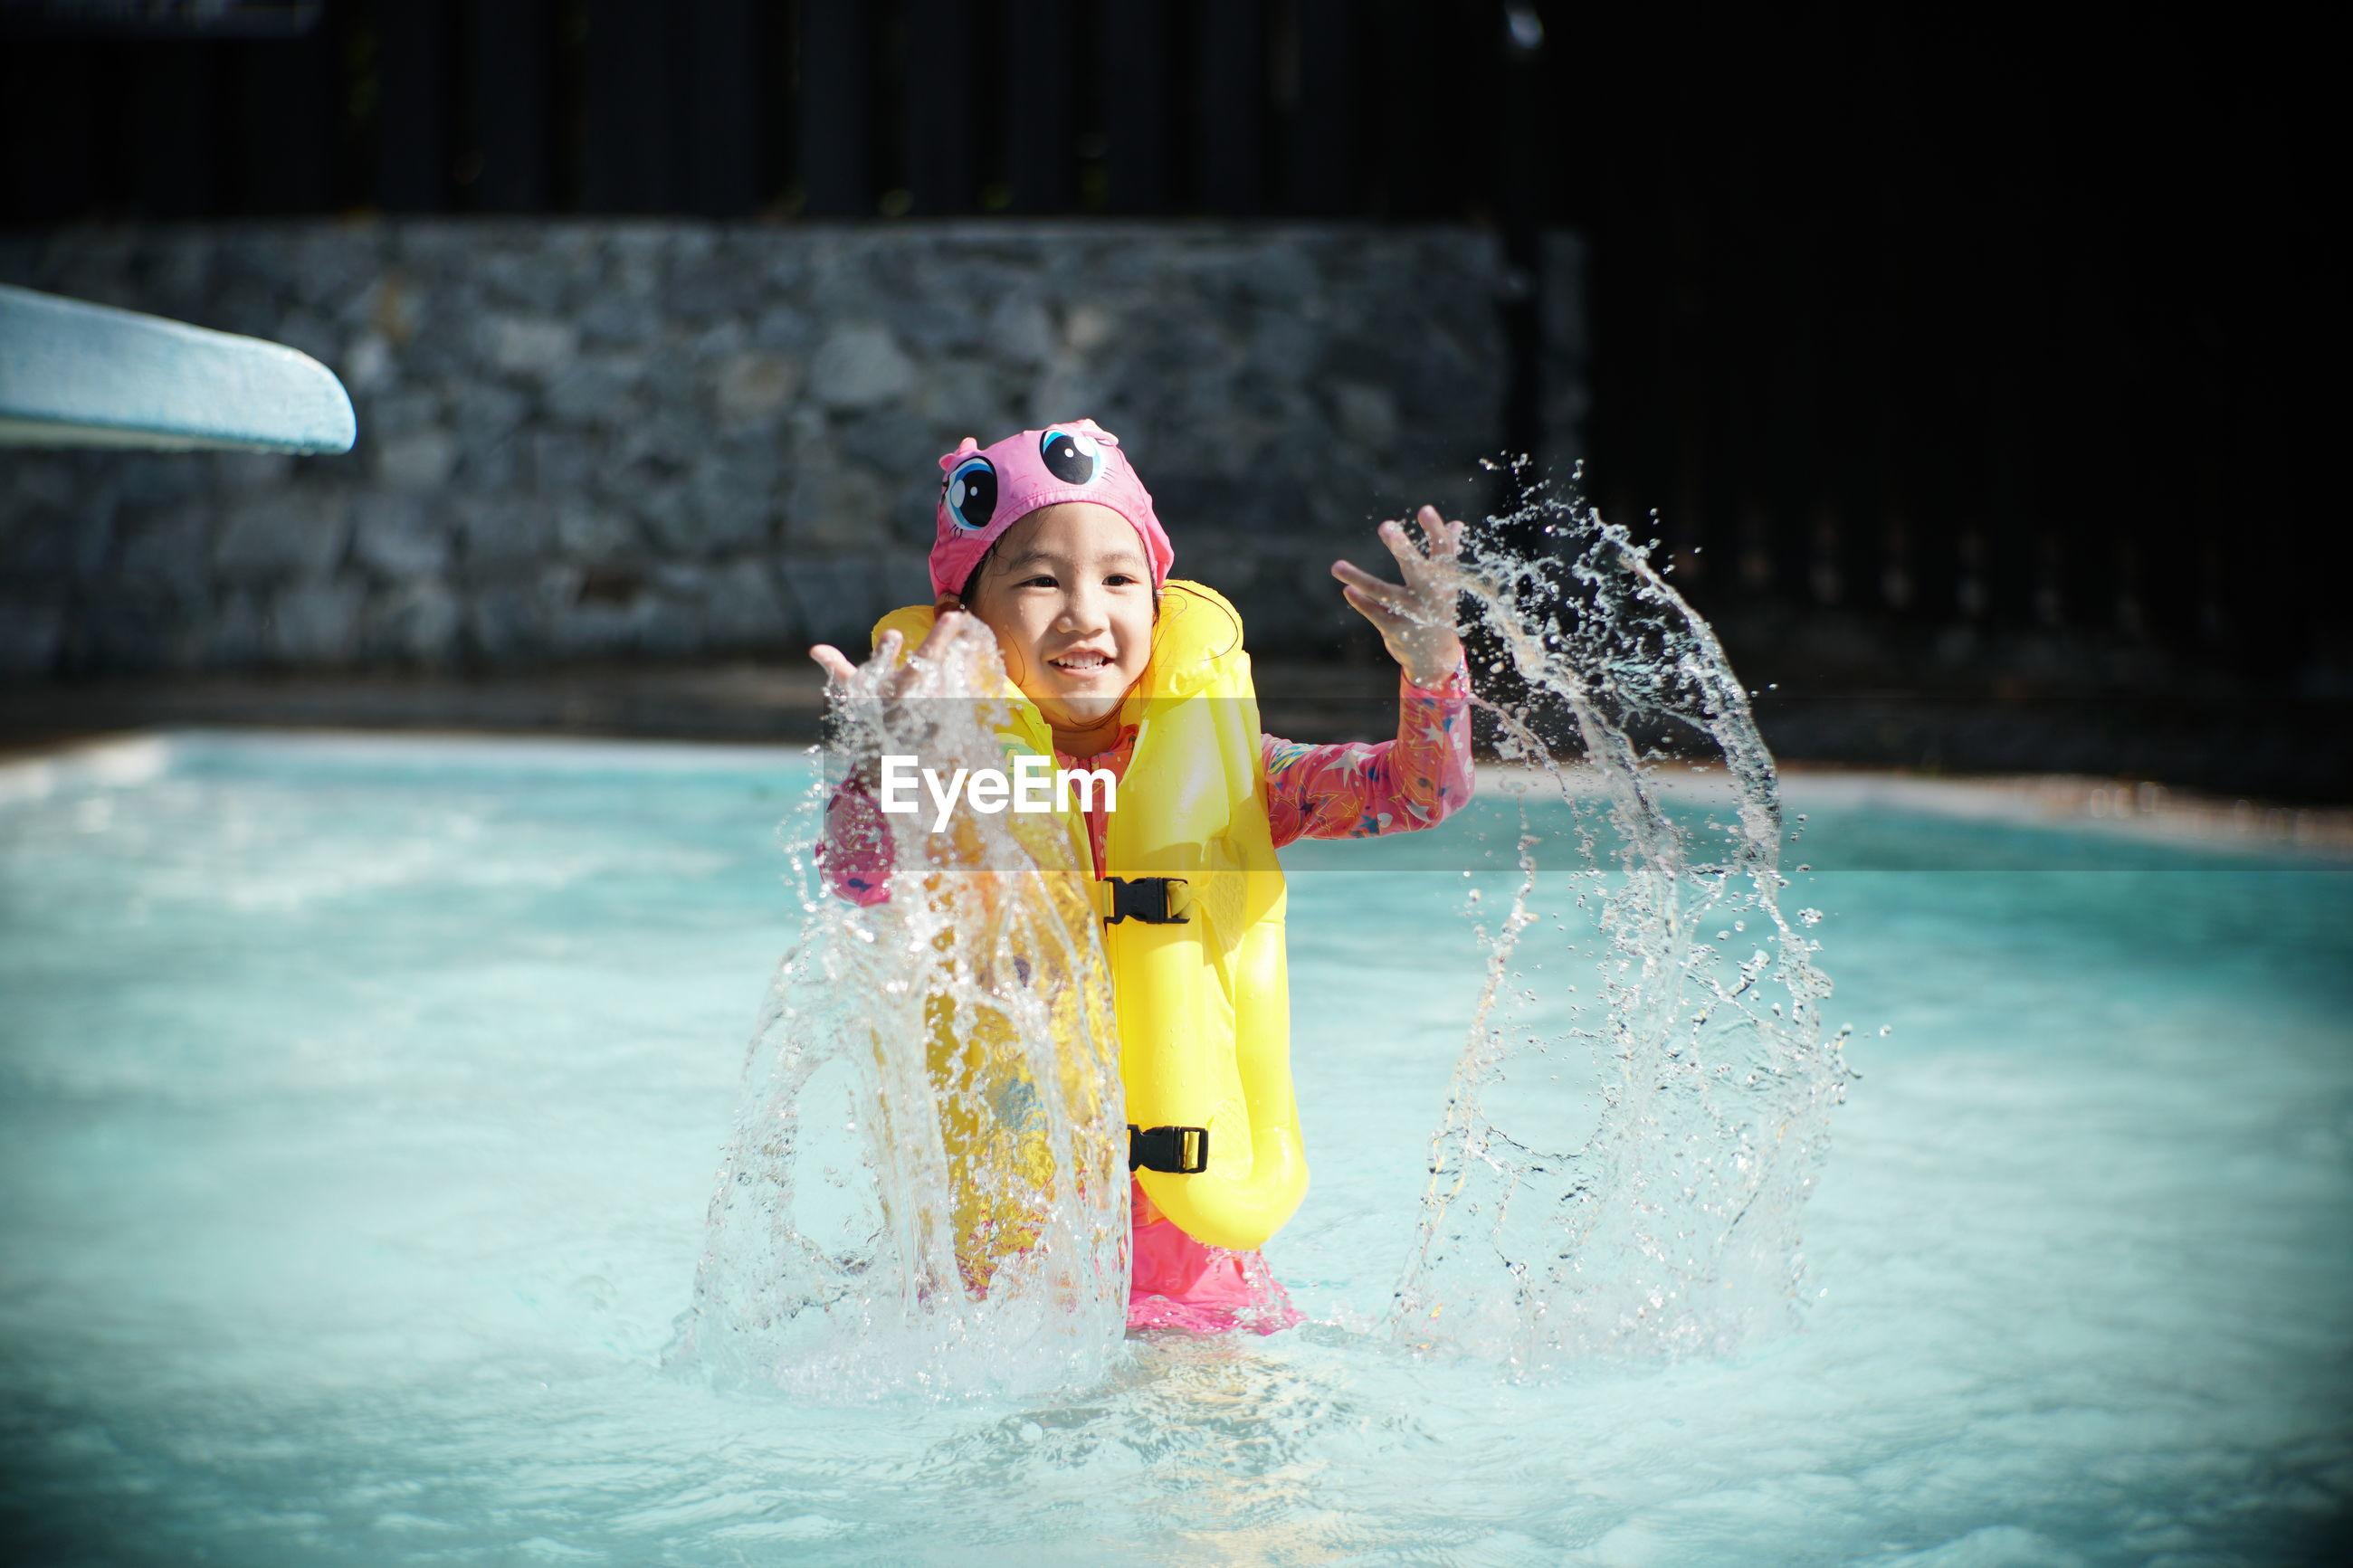 Smiling girl splashing water in swimming pool